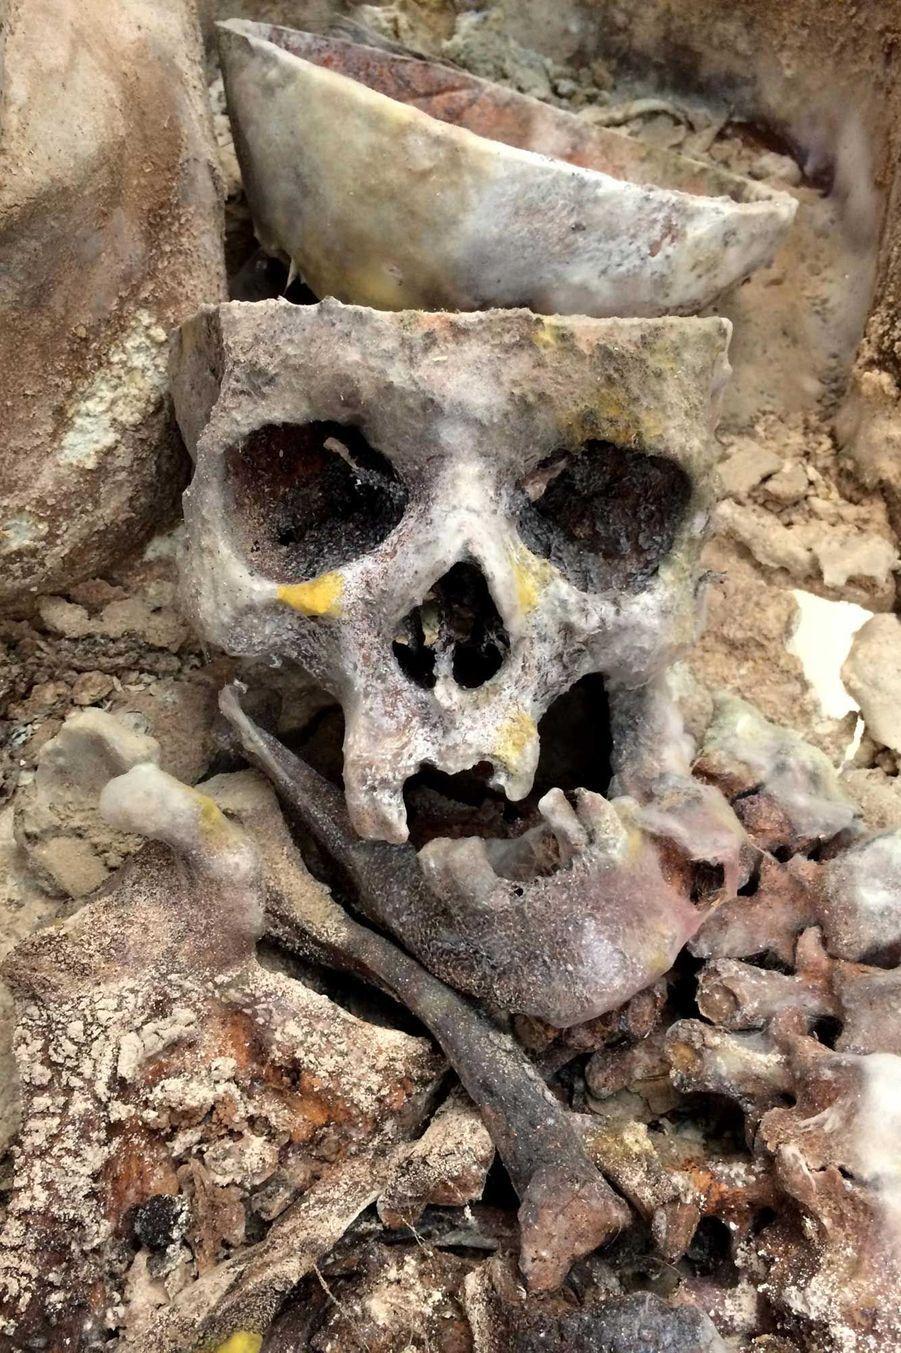 Vue de détail du crâne d'un des squelettes qui a été scié au moment du rituel funéraire, signe d'une pratique d'embaumement (locaux de l'Université de Caen).